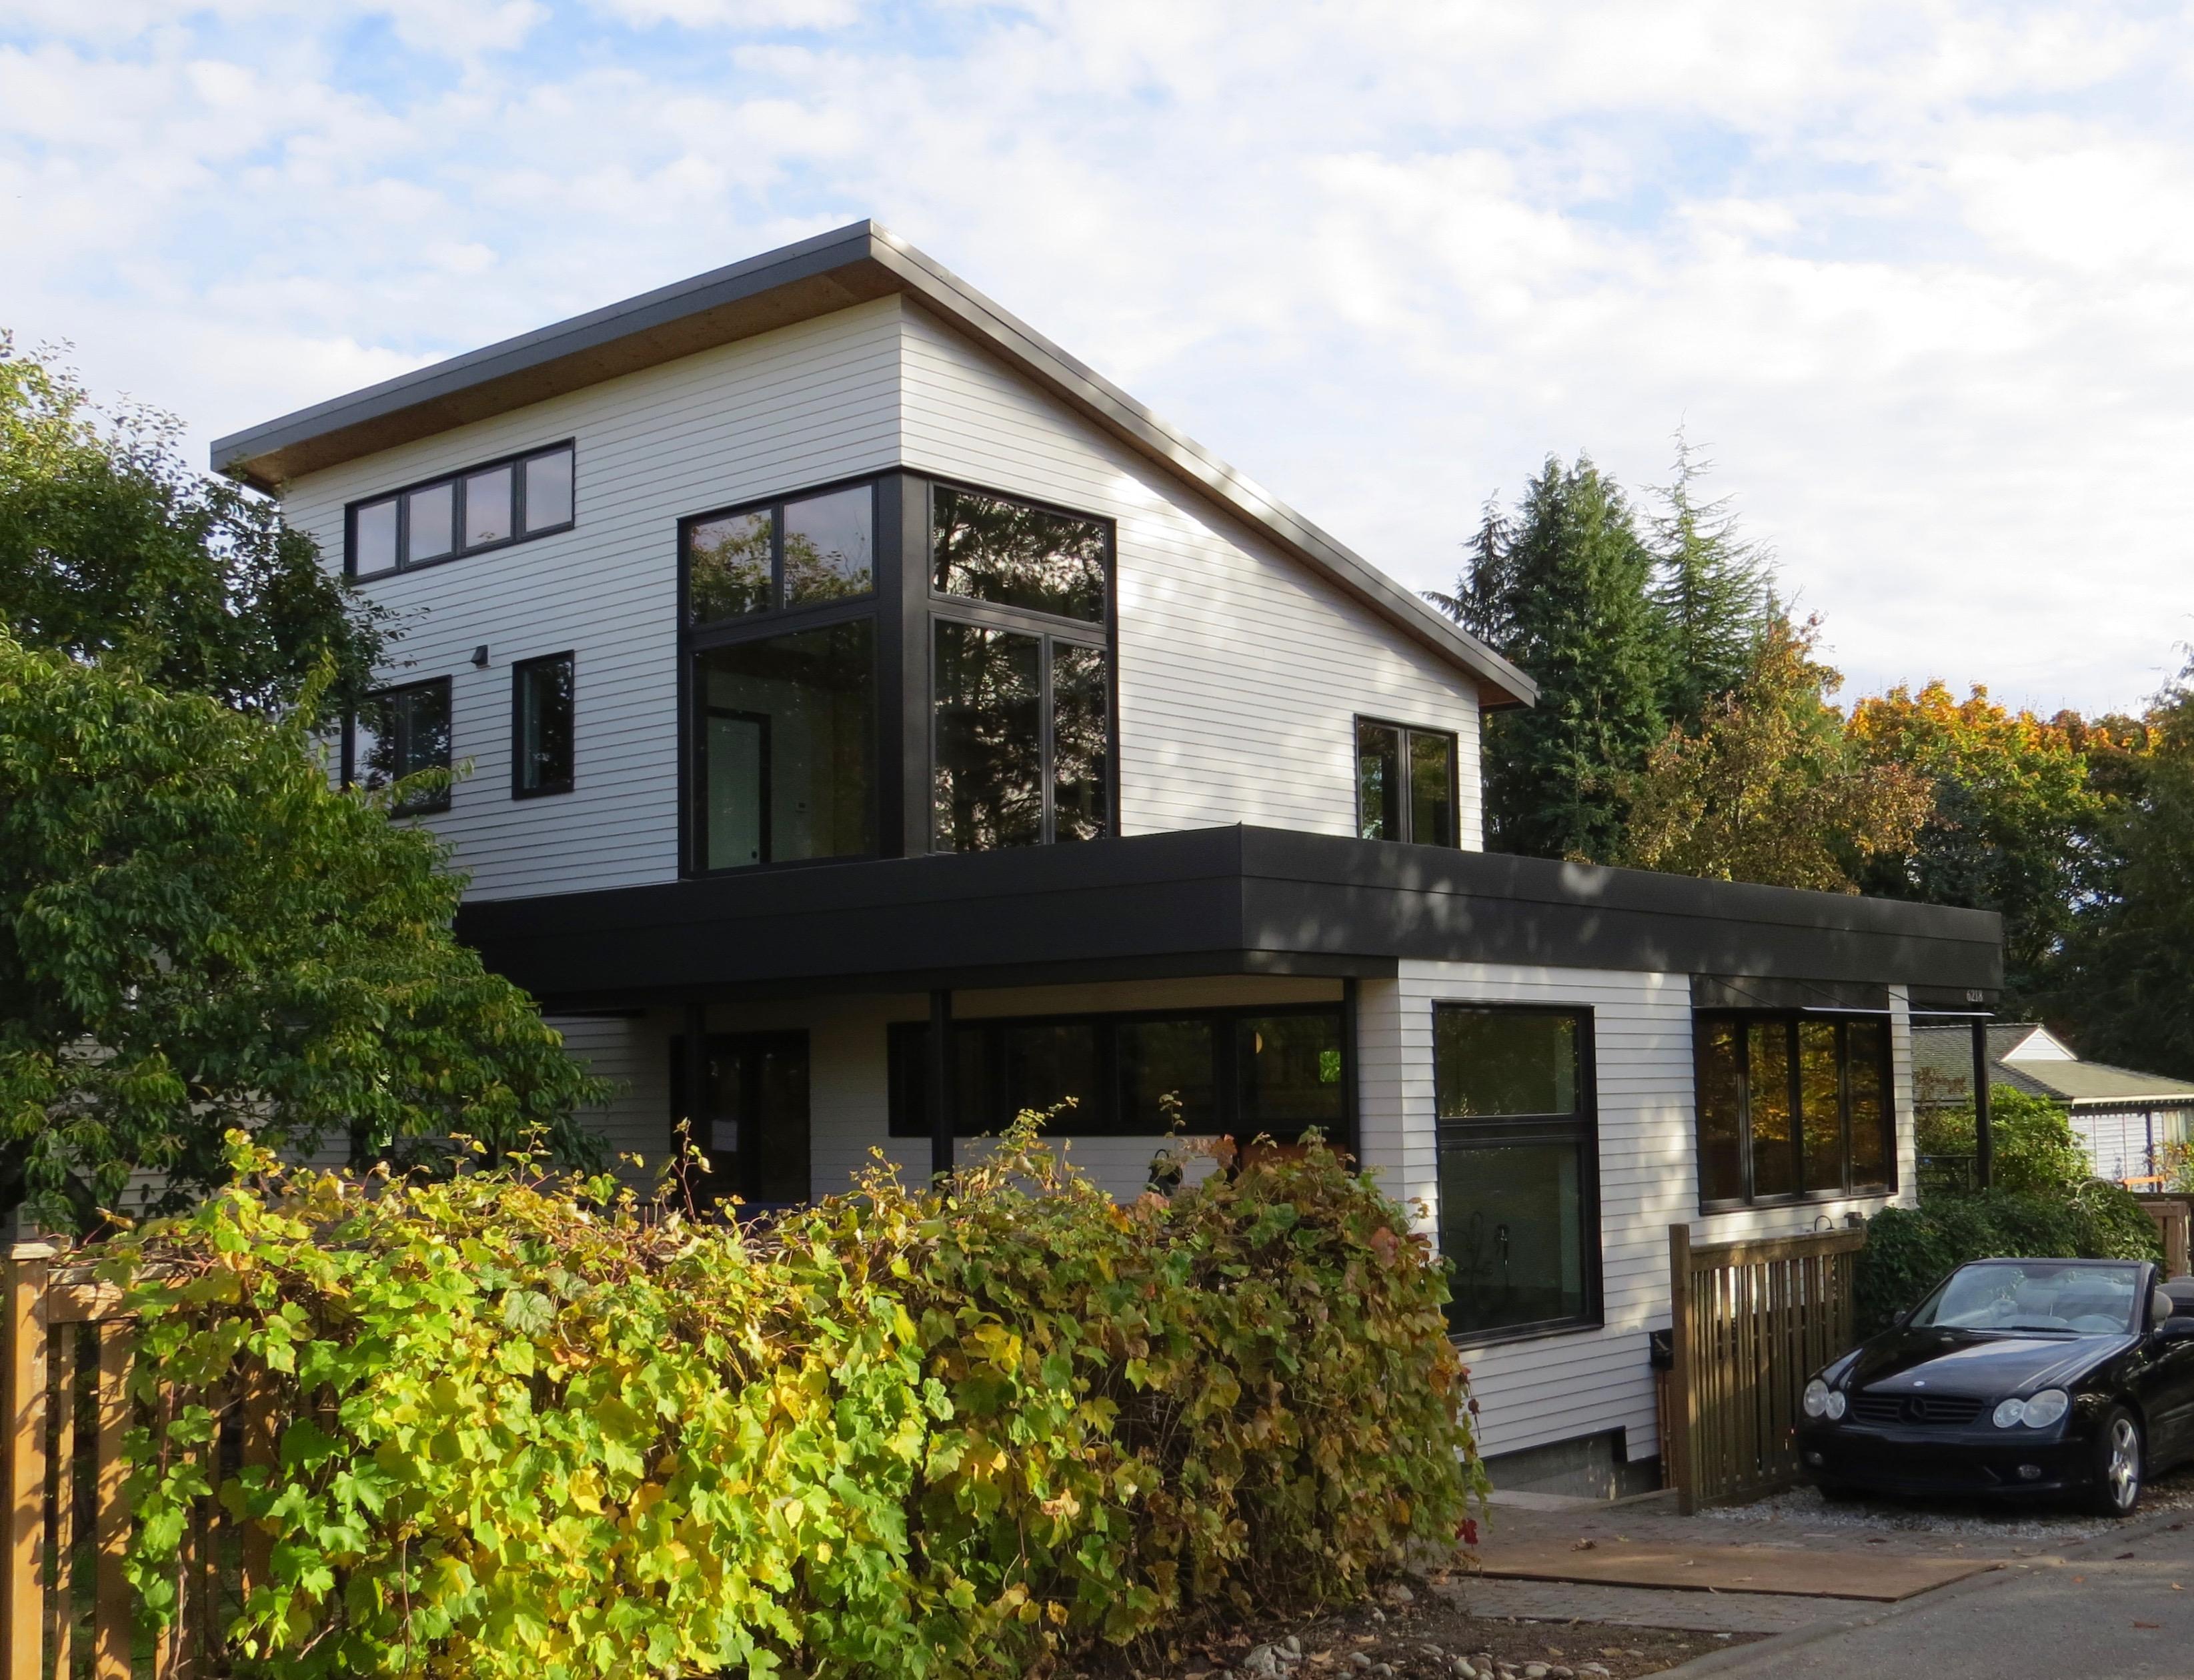 Built Green P - Green home designs